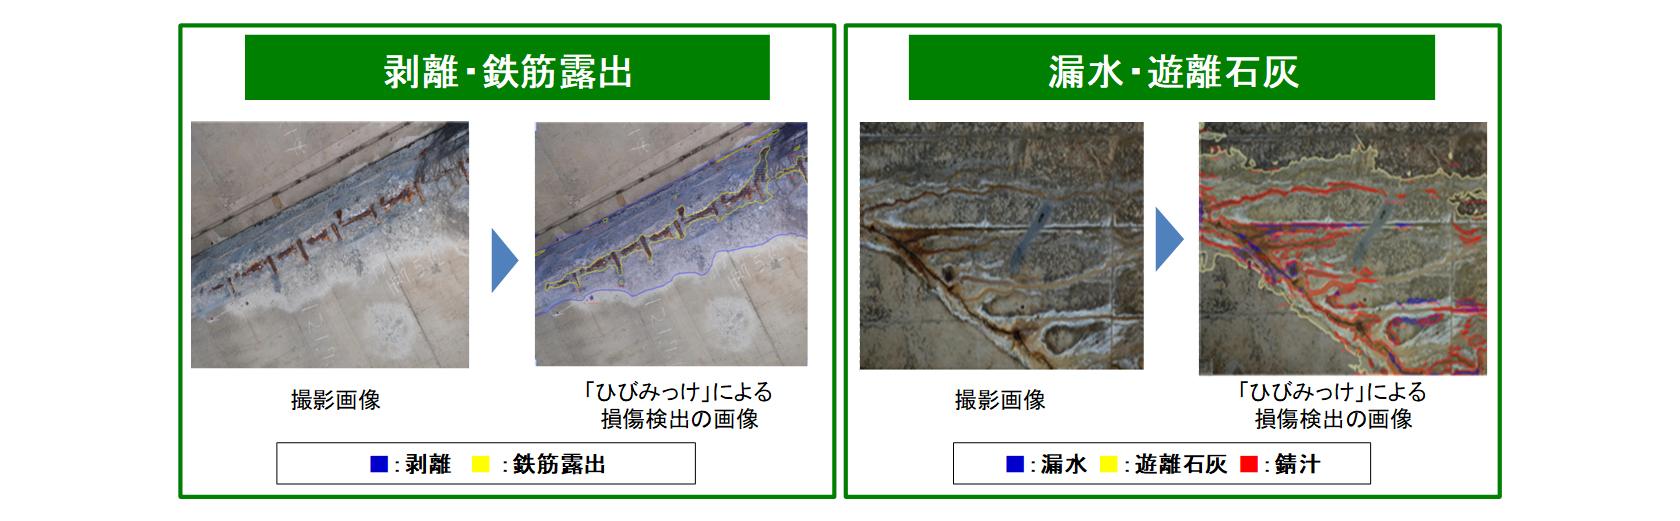 [図]【「剥離・鉄筋露出」「漏水・遊離石灰」の自動検出機能】